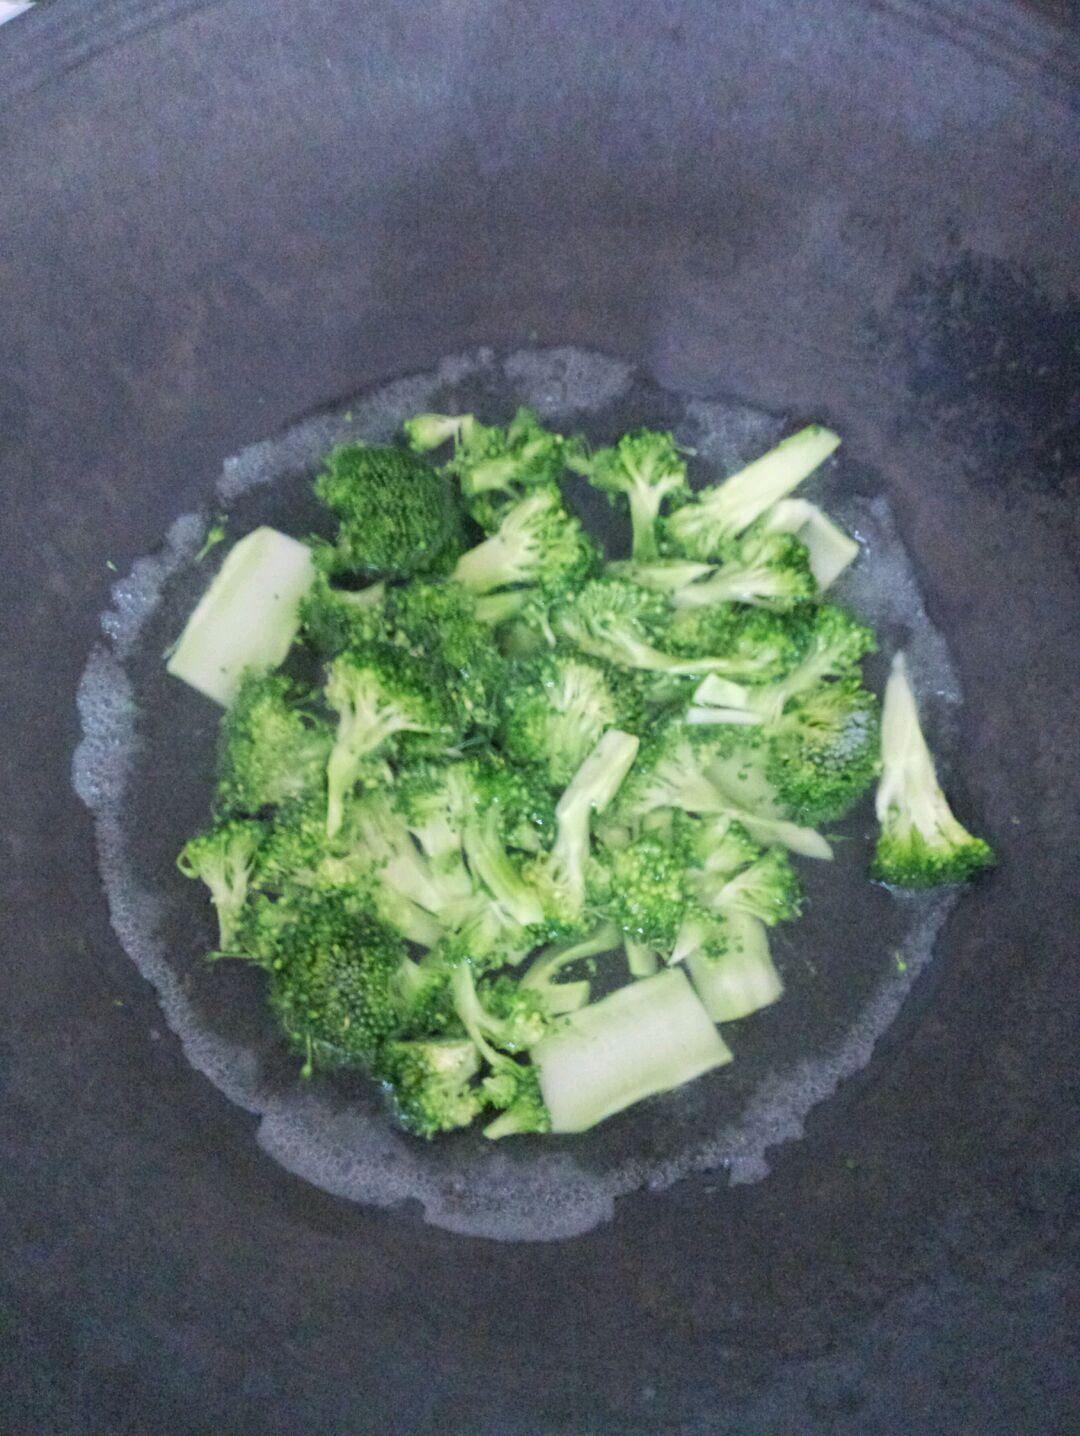 西兰花洗净切好,锅里烧开水后放入西兰花轻轻灼一下水捞起.